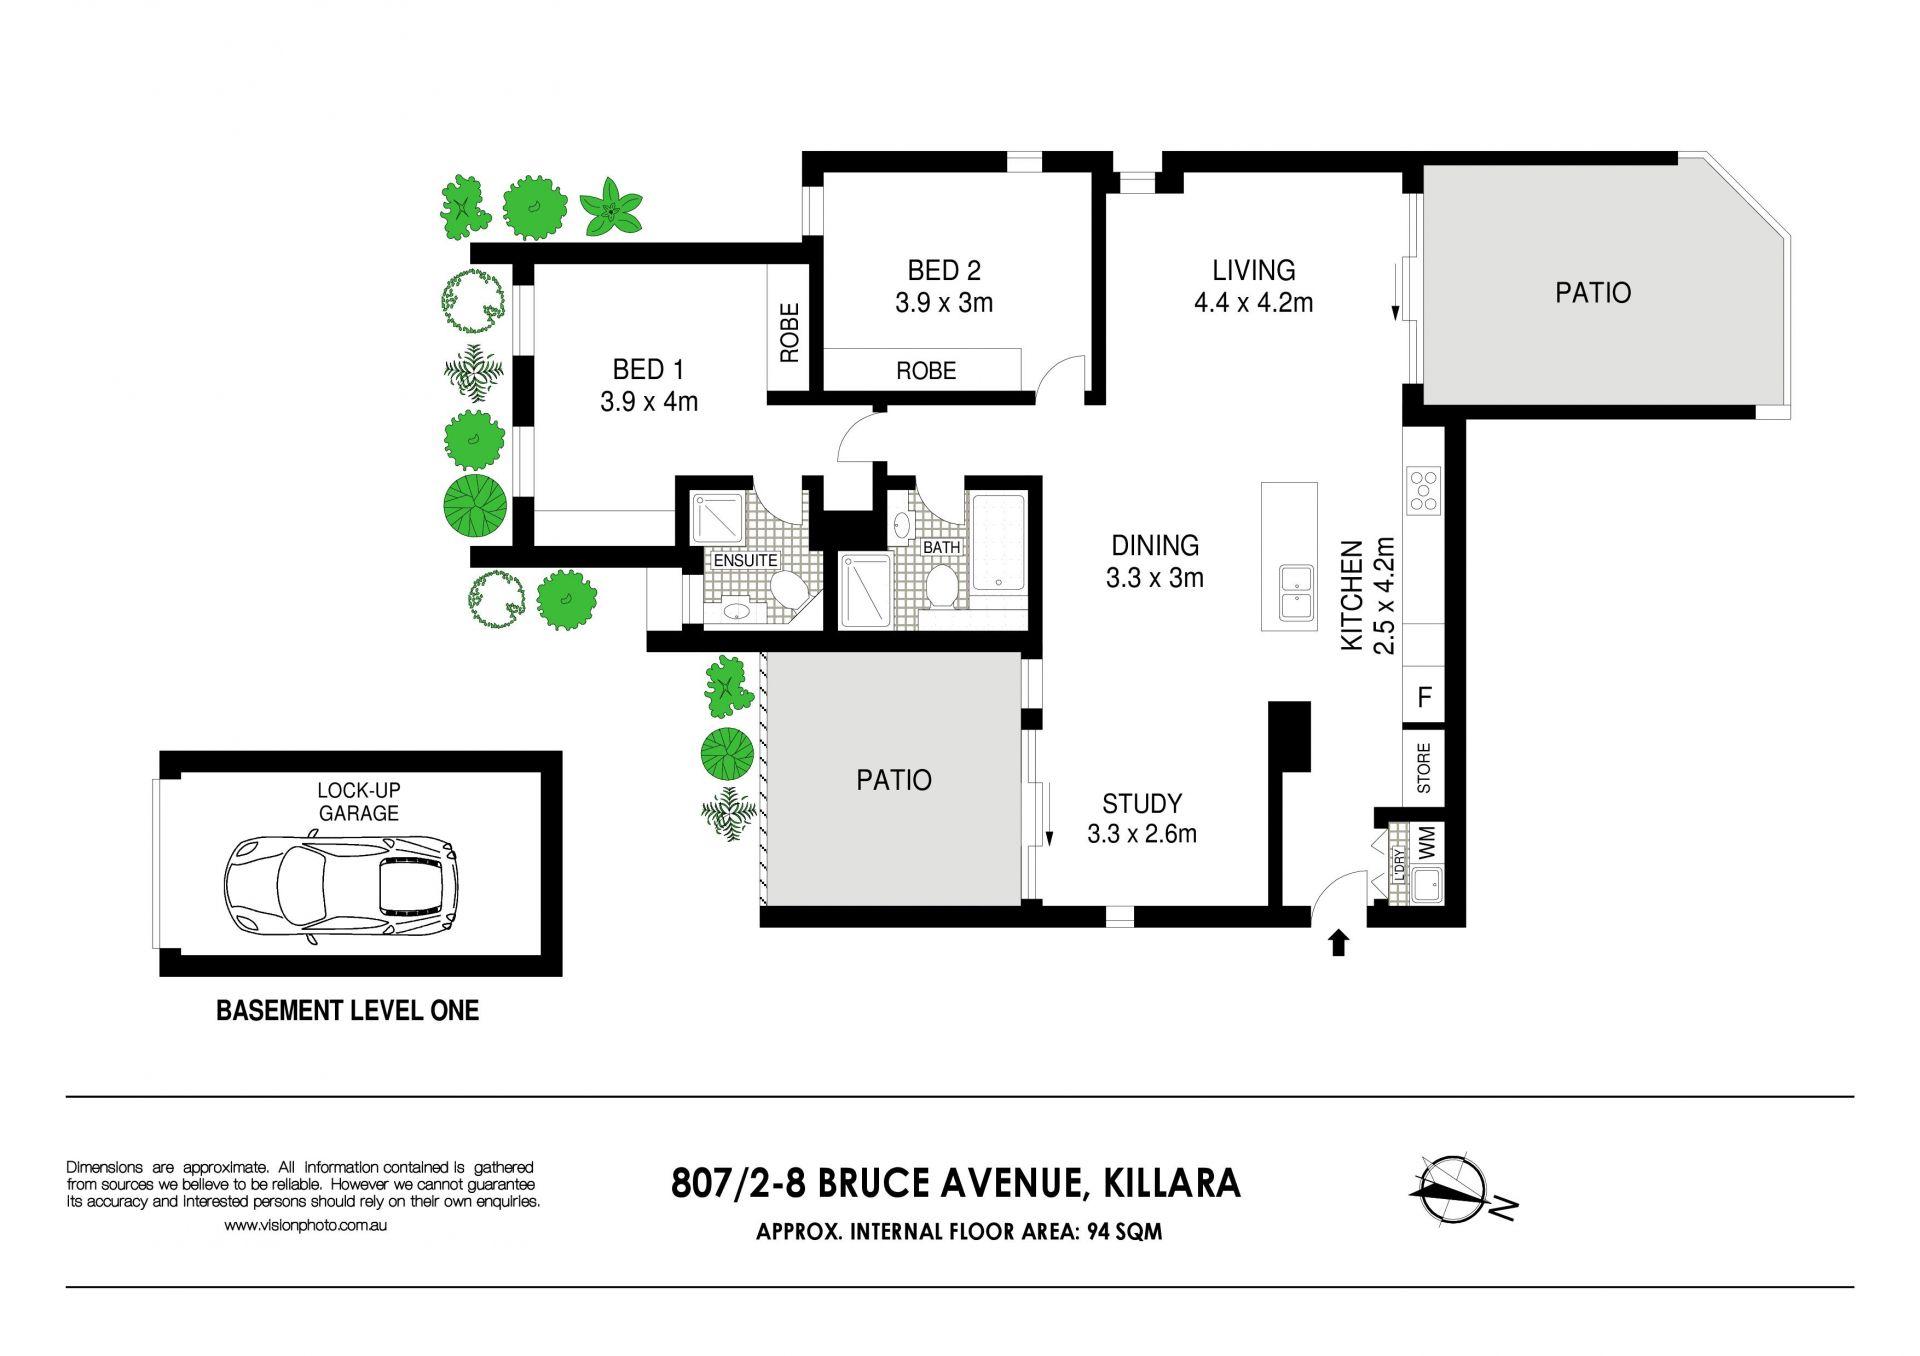 807/2-8 Bruce Avenue Killara 2071